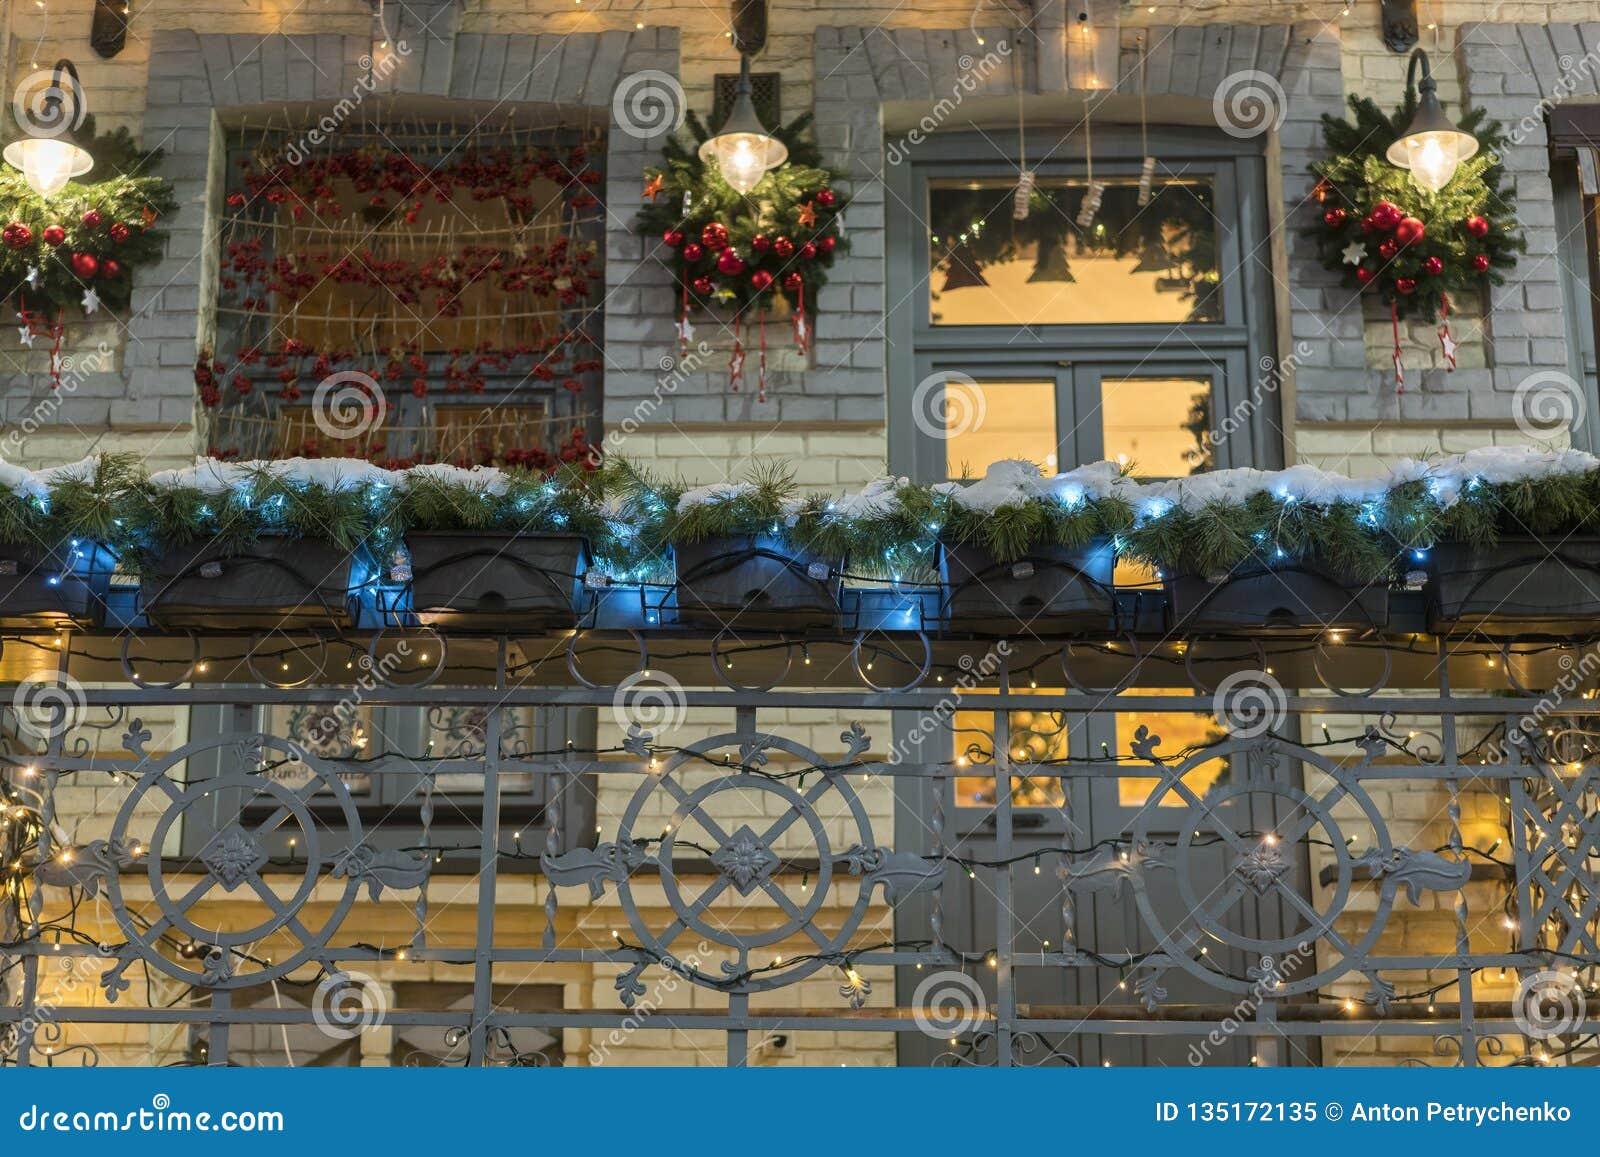 Decoration Balcon De Noel.Decoration De Noel De Balcon Chambre Decoree Pour Les